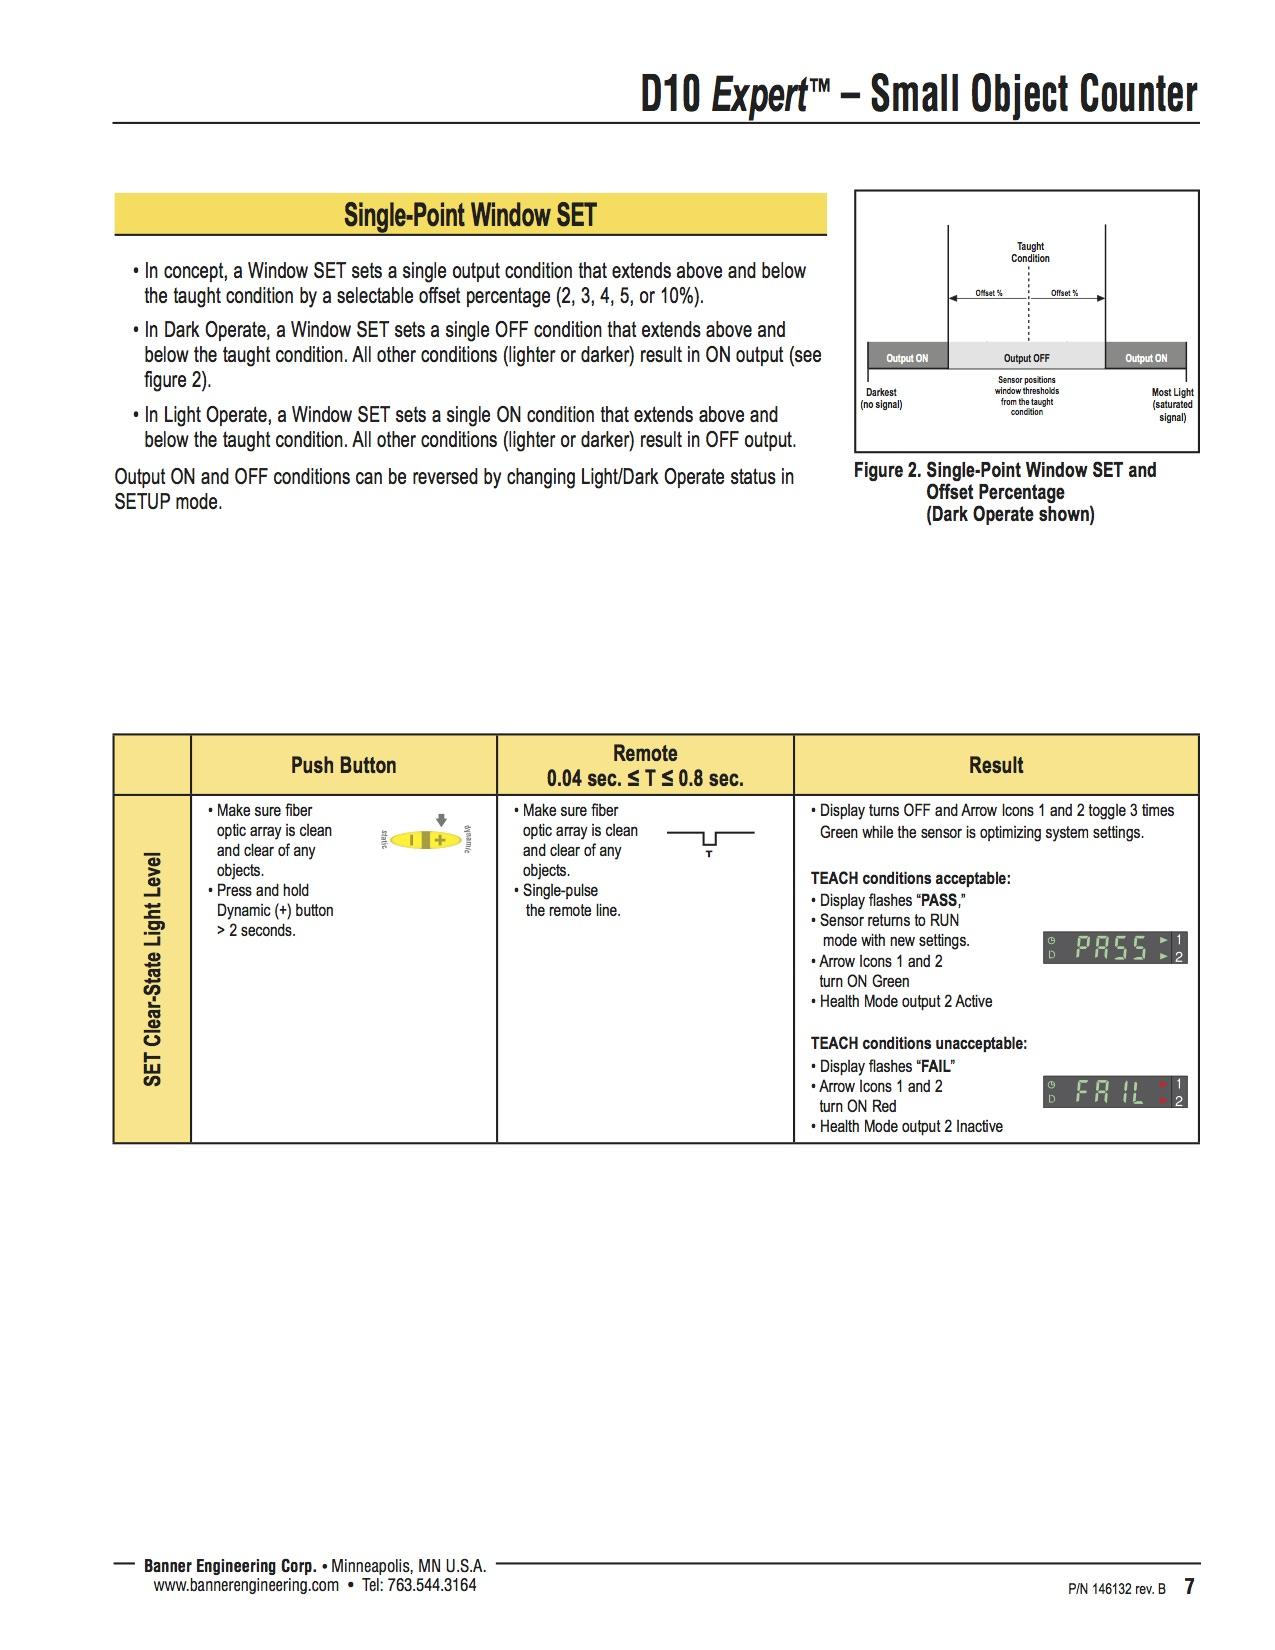 banner-datasheet-d10-7.jpg